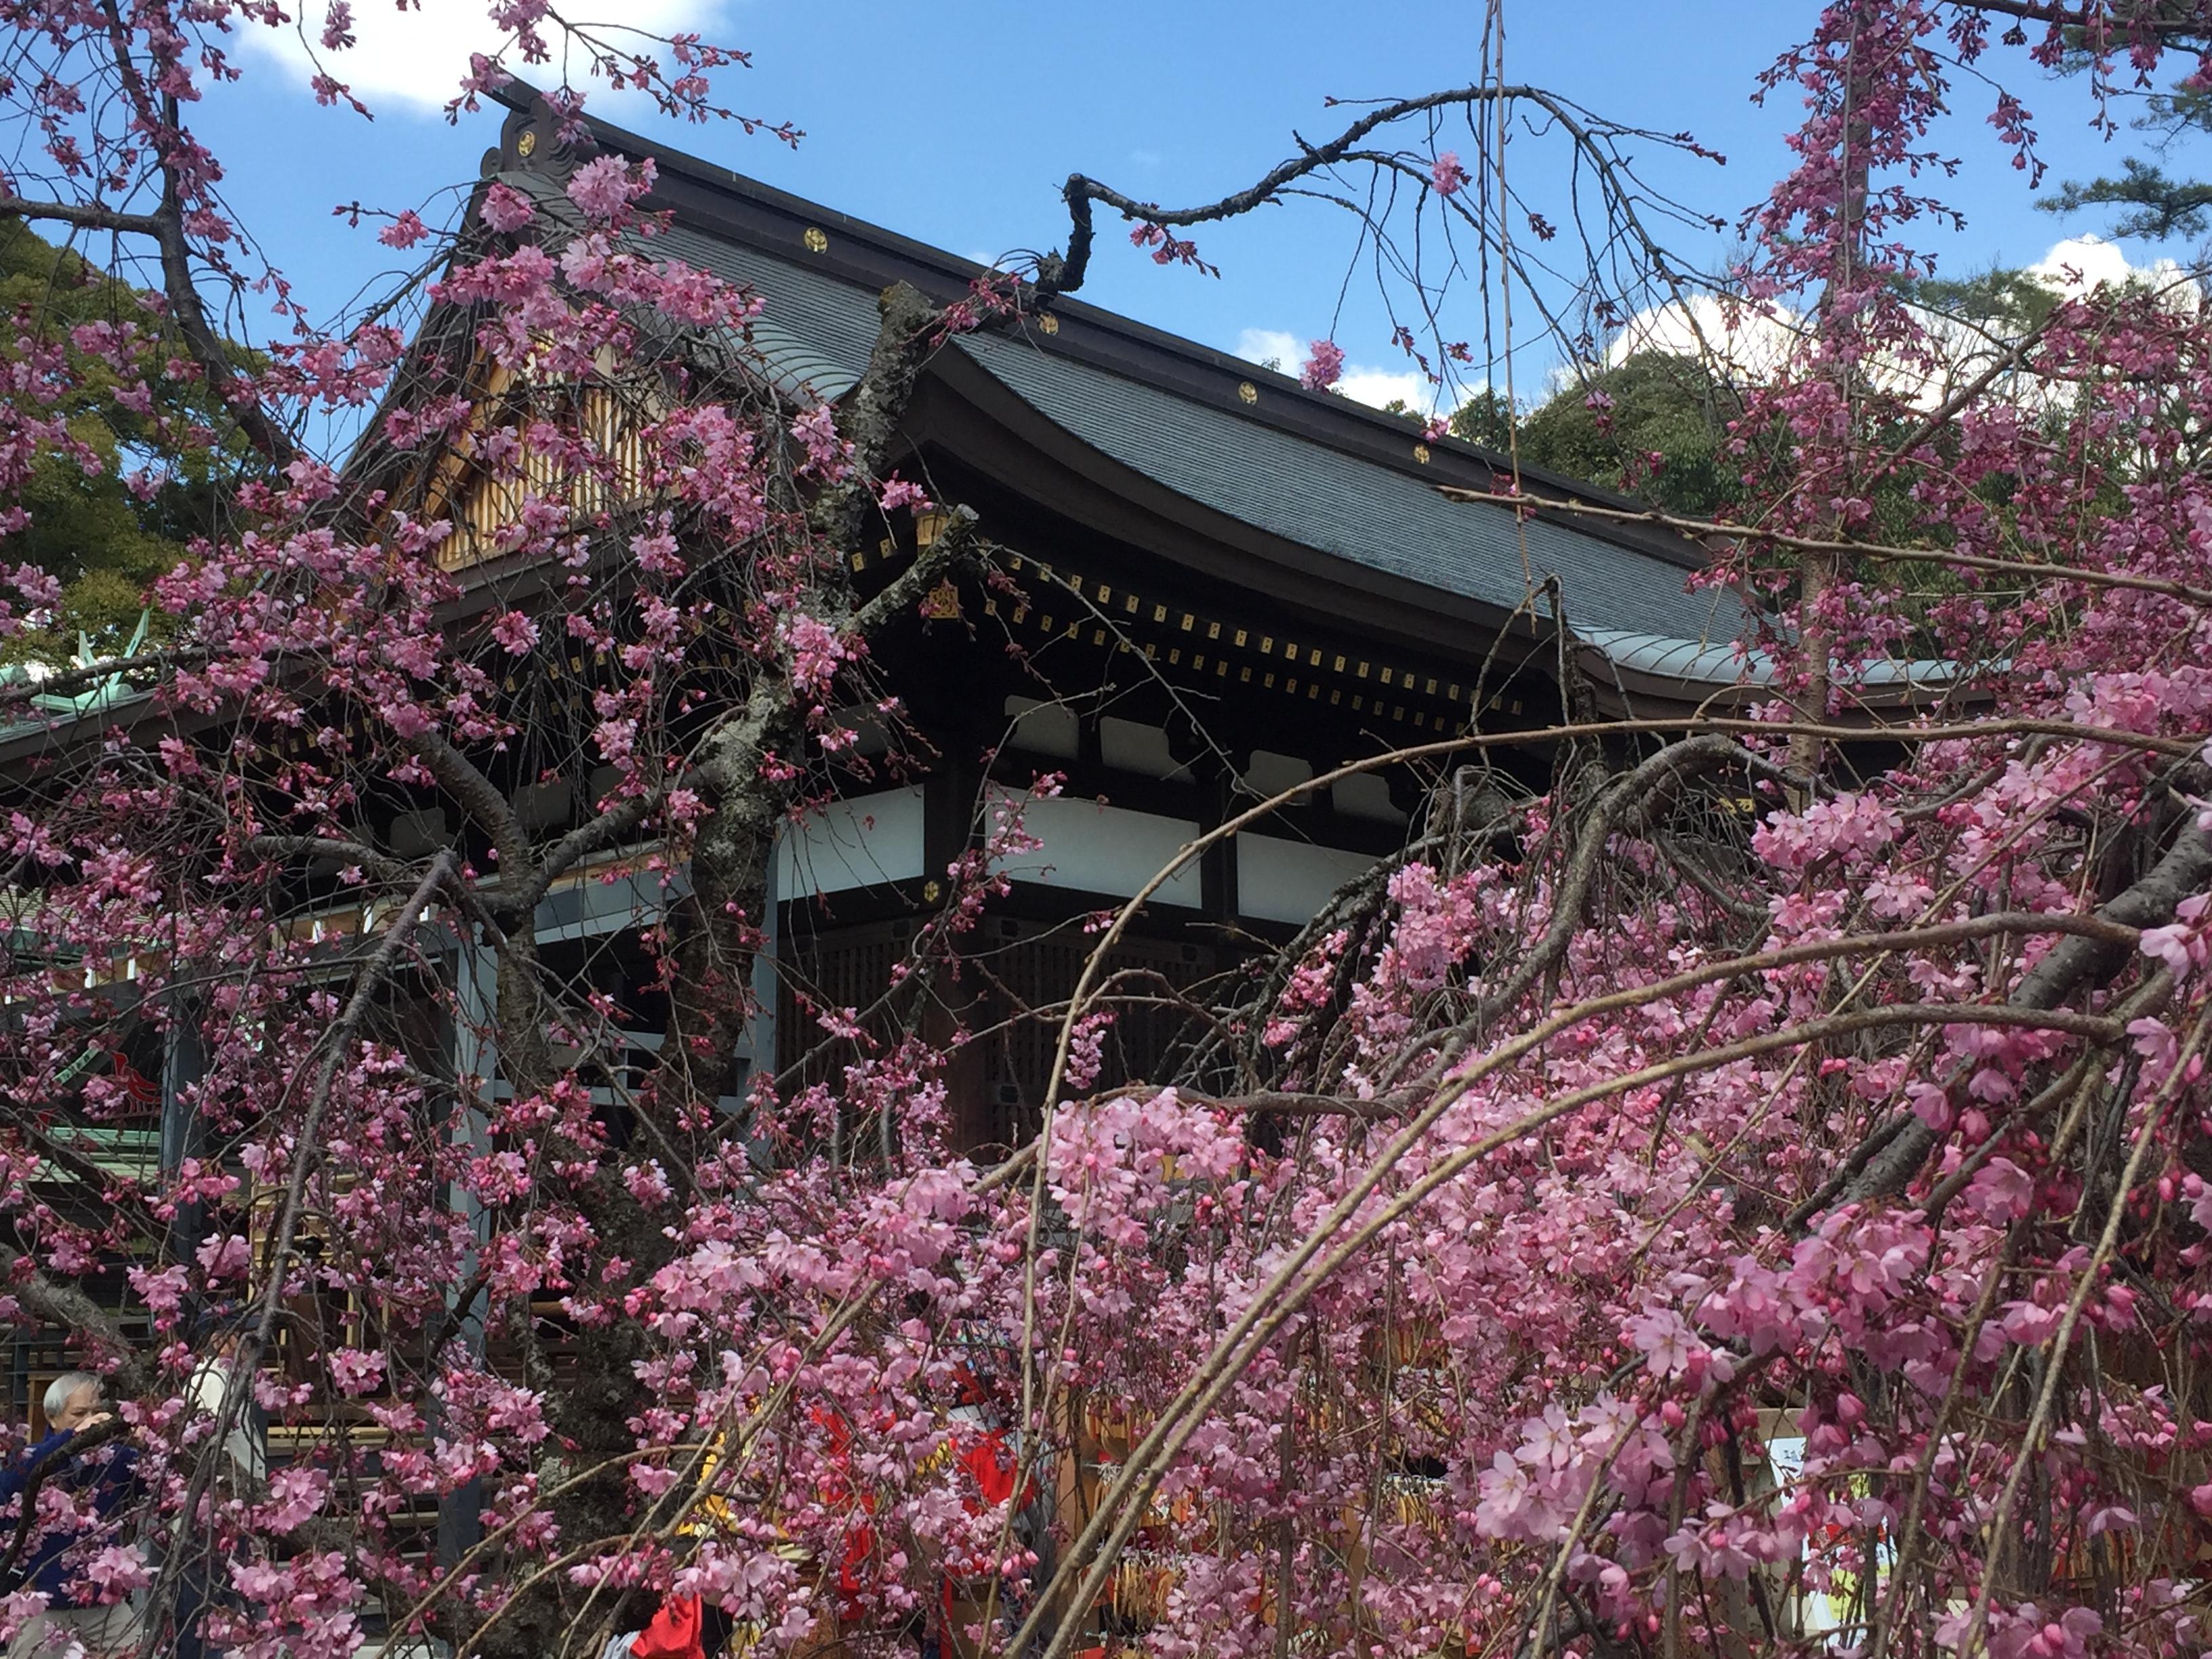 神戸・御影の弓弦羽神社で4月2日「御影花びらまつり」が開催されたよ【※桜写真付レポ】